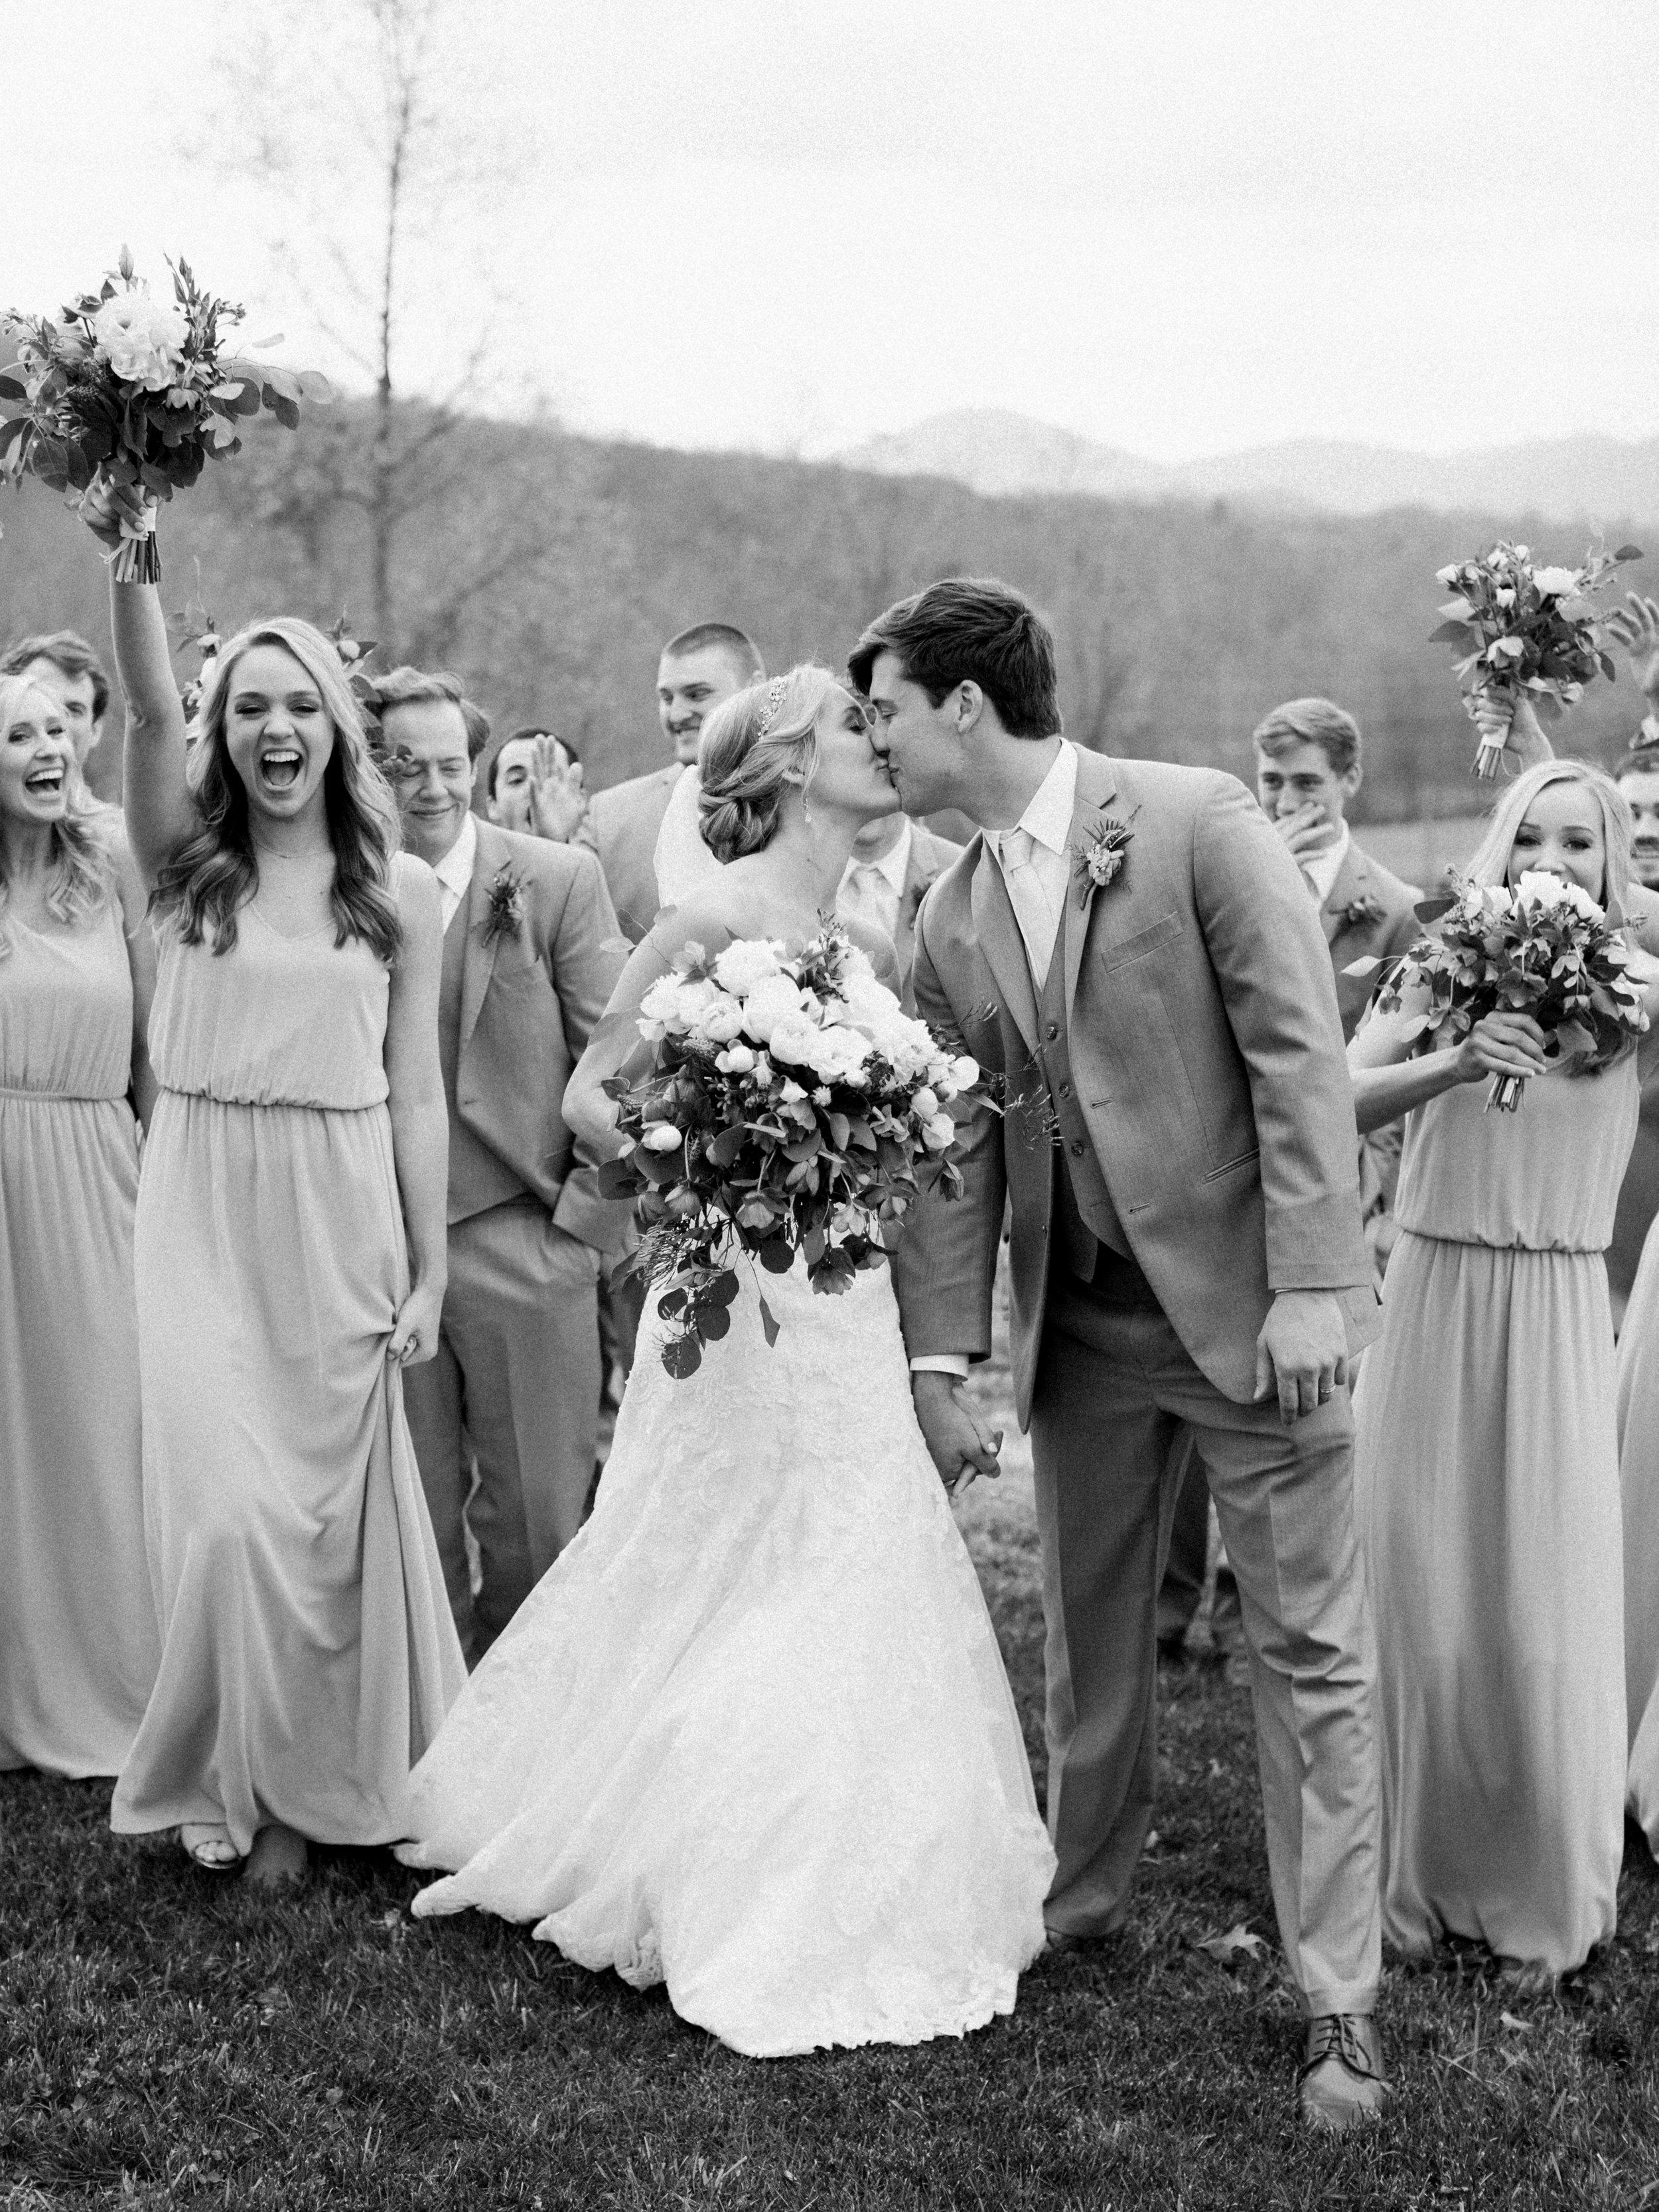 white-oaks-barn-wedding-dahlonega-ga-photographer-5.jpg